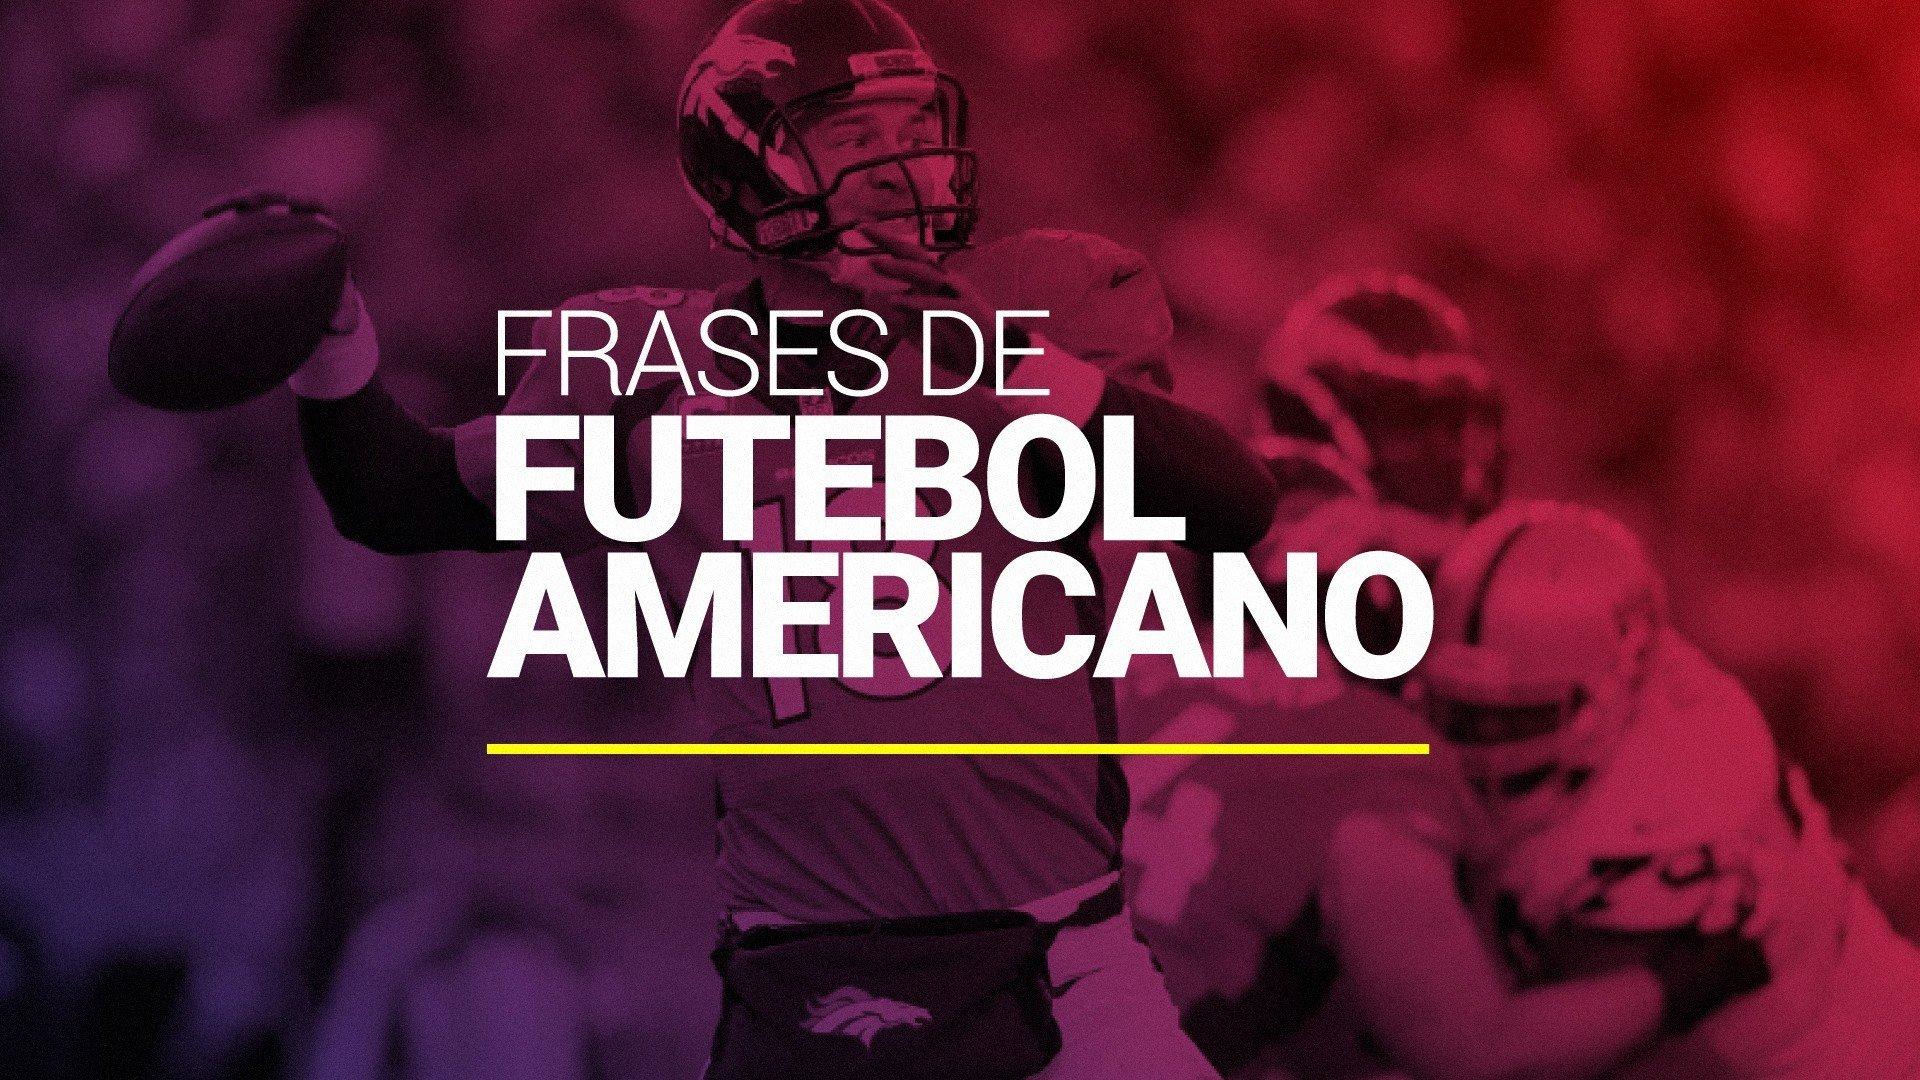 45 Frases De Futebol Americano Motivação E Superação